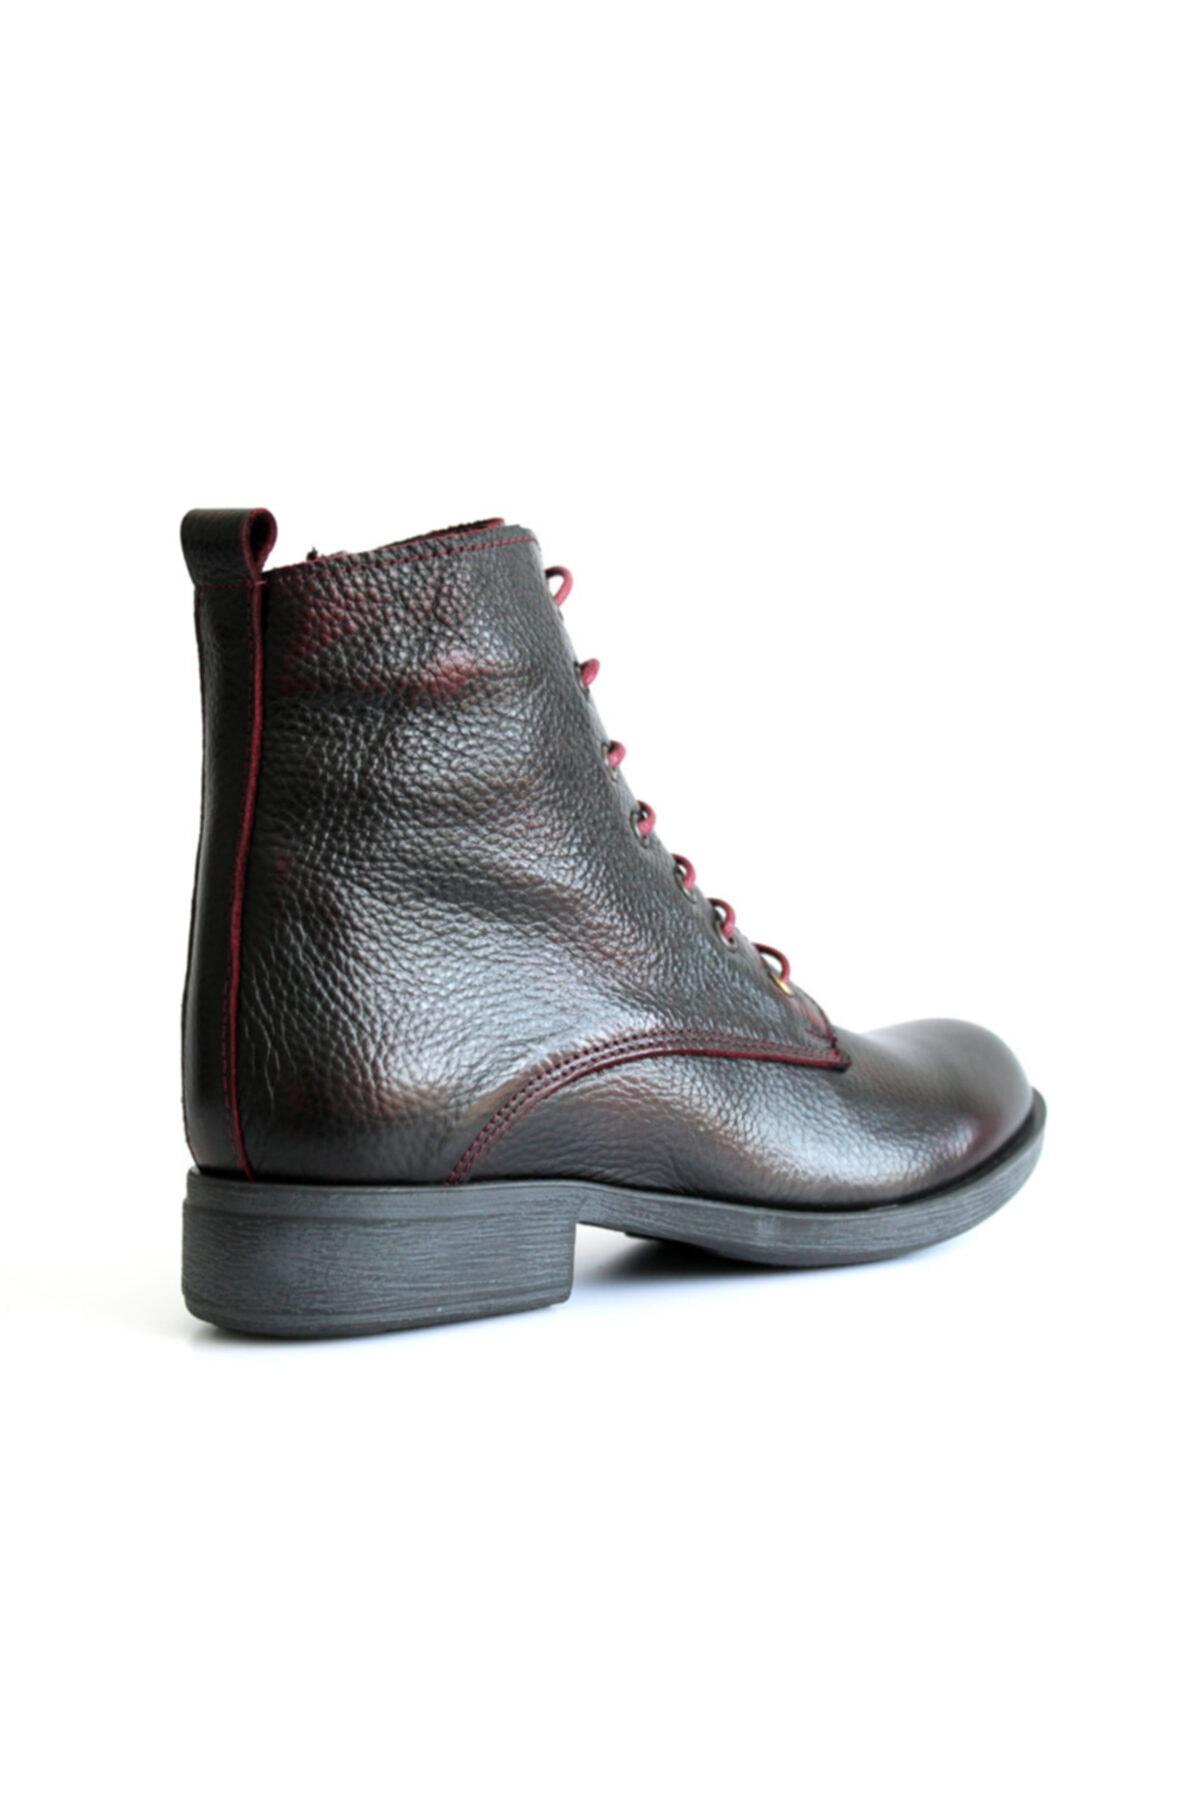 Beta Shoes Kadın Hakiki Deri Bot Kahve 2